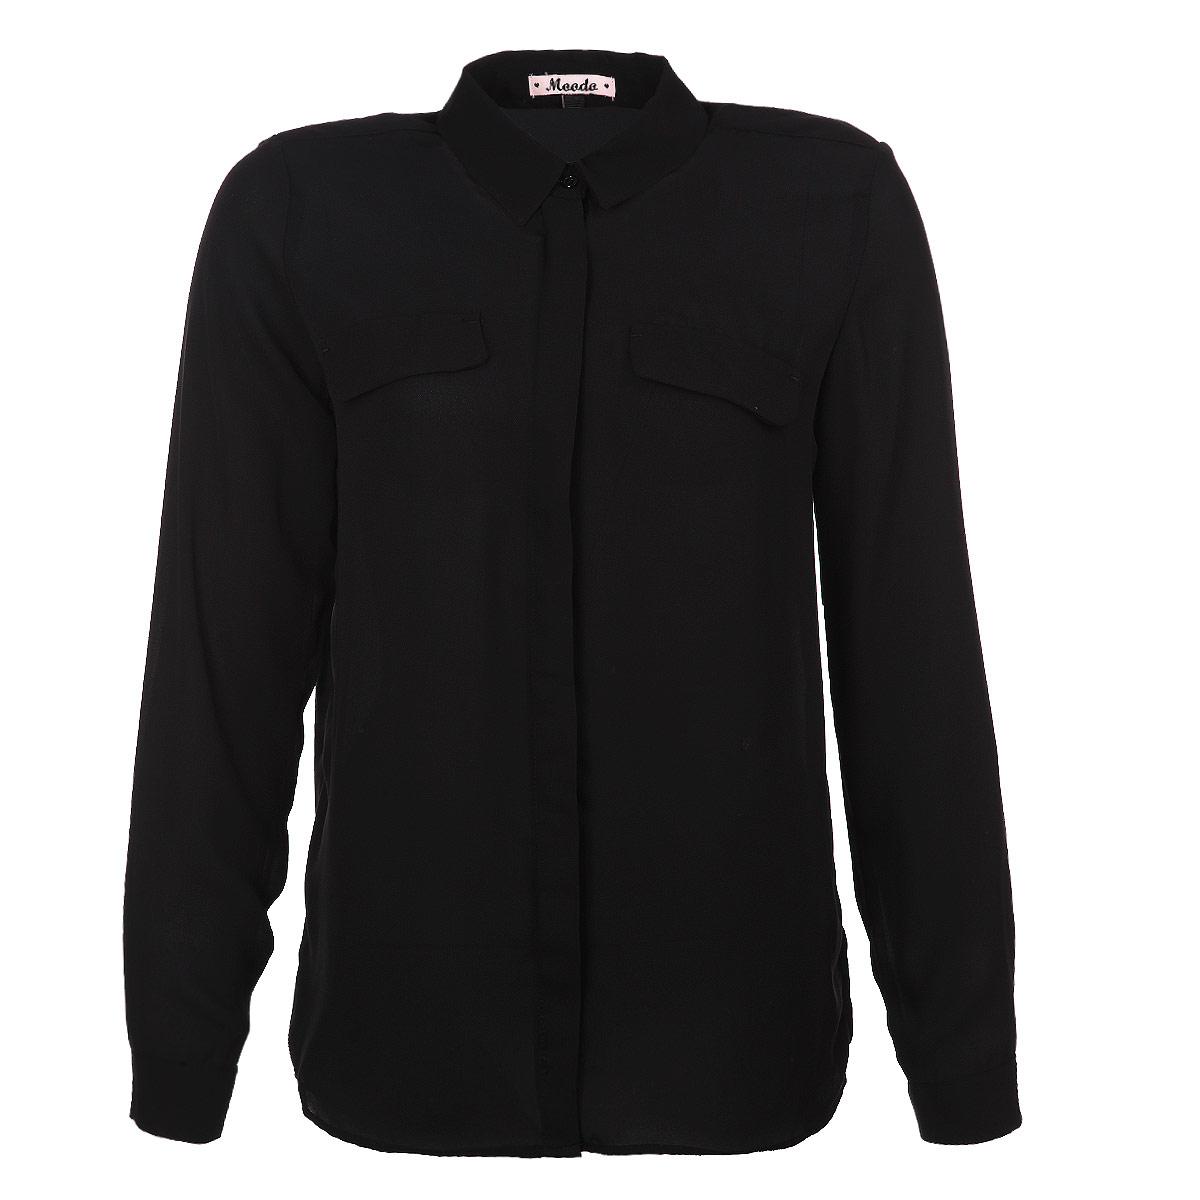 Блузка женская. L-KO-1707L-KO-1707_BLACKСтильная женская блуза Moodo, выполненная из высококачественного материала, подчеркнет ваш уникальный стиль. Модная блузка свободного кроя с длинными рукавами и отложным воротником поможет вам создать неповторимый образ. Однотонная блуза великолепно сочетается с любыми нарядами. Блуза застегивается на пуговицы спереди, и дополнена имитацией карманов на груди. Рукава оснащены манжетами на пуговицах. Такая блузка будет дарить вам комфорт в течение всего дня и послужит замечательным дополнением к вашему гардеробу.